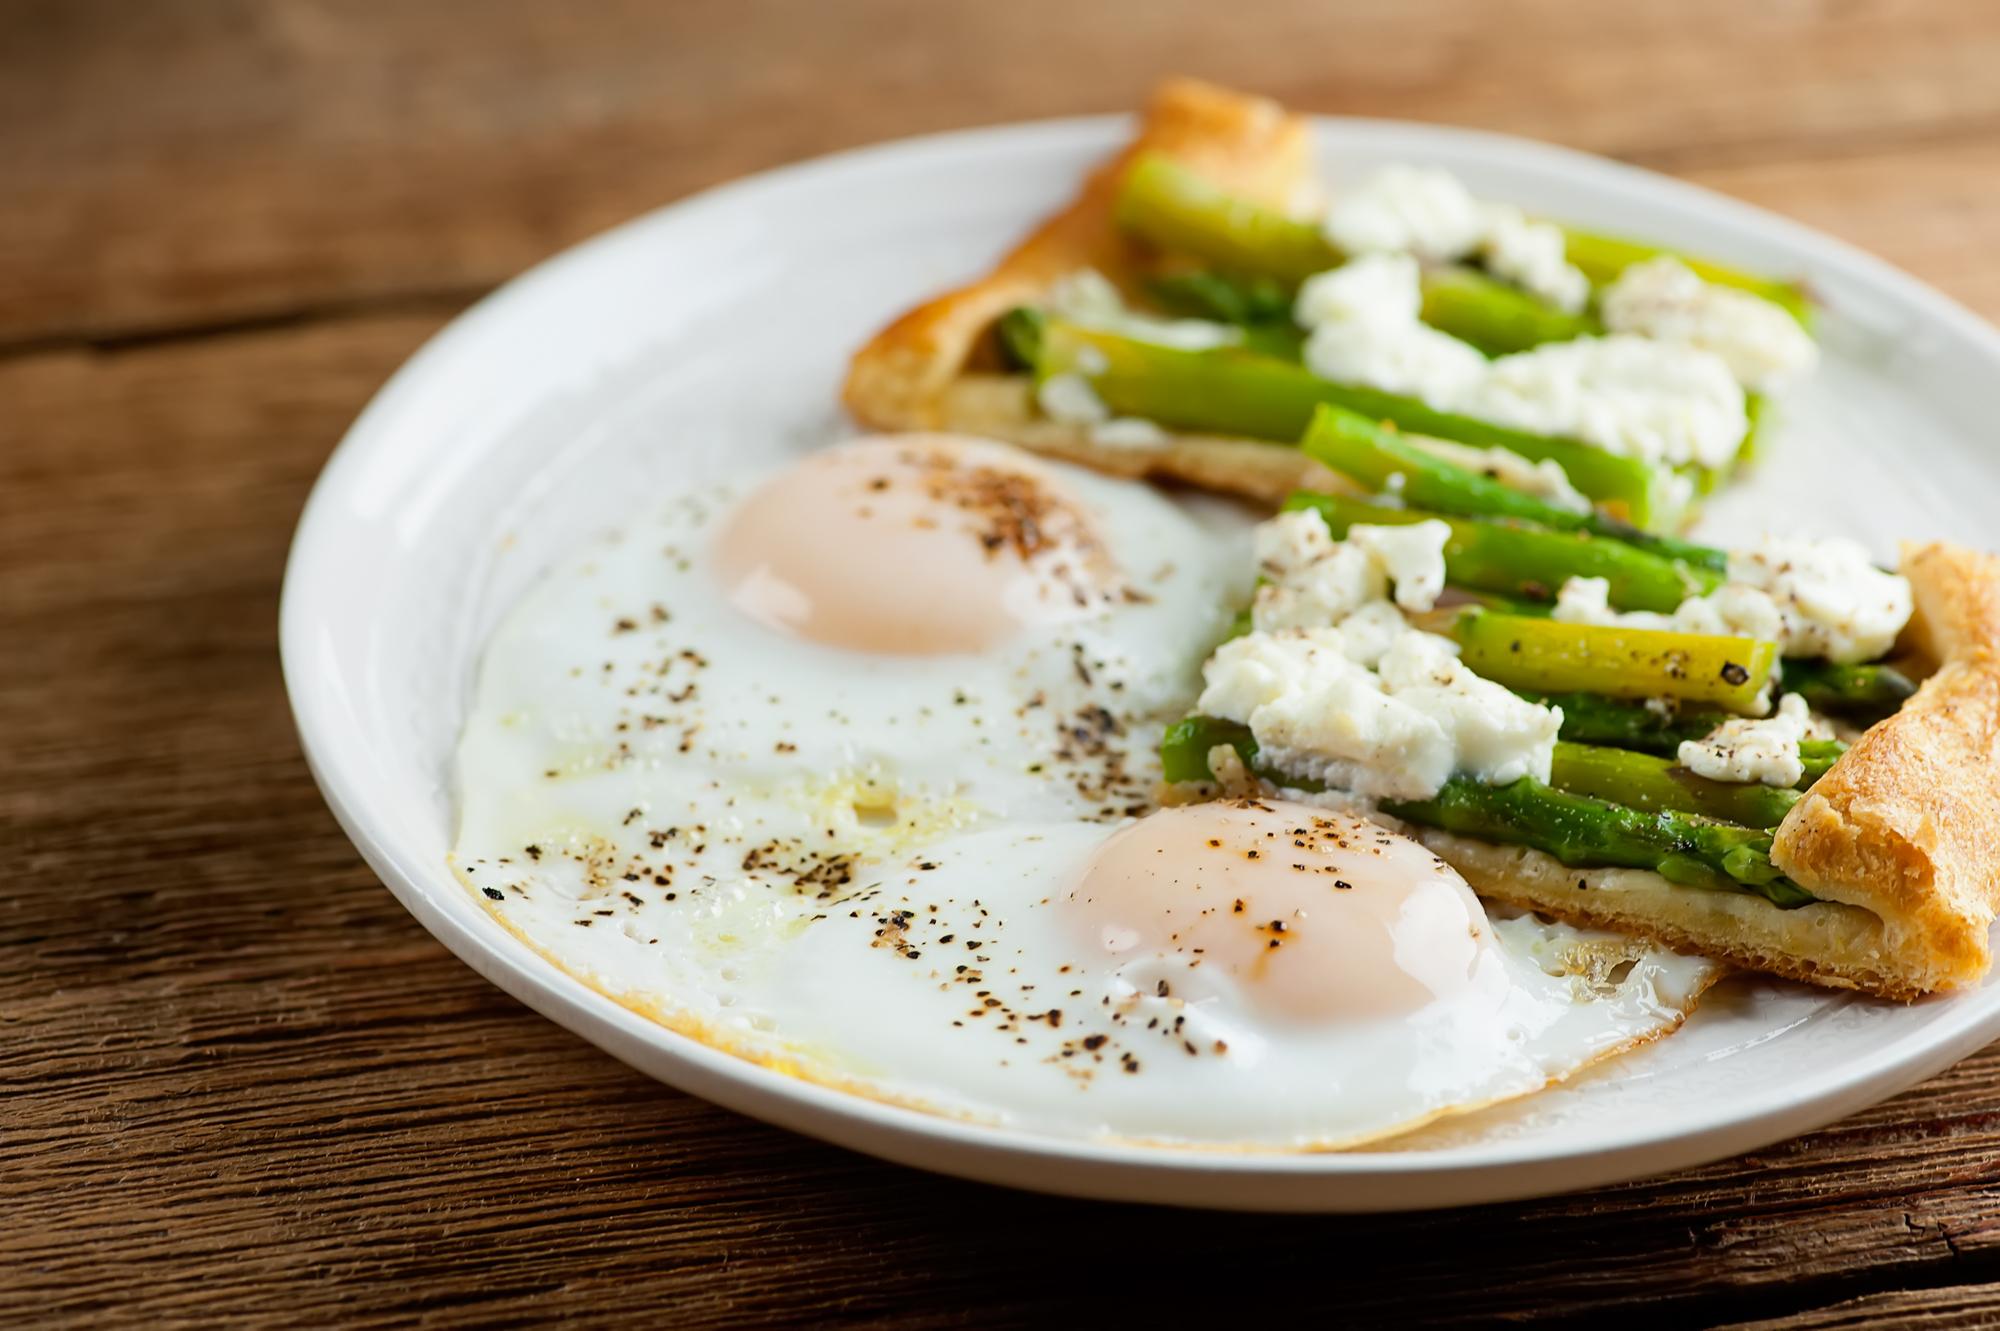 asparagus tart with eggs